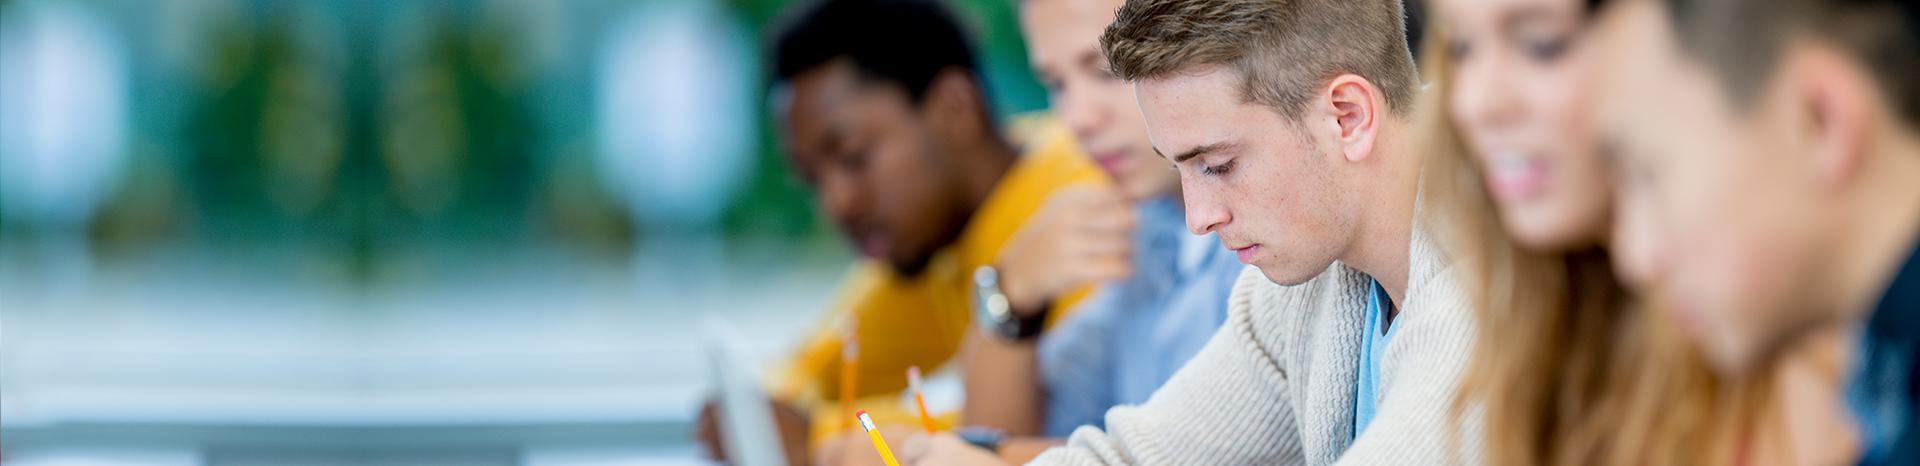 Persoonlijke en planmatige studiebegeleiding bij Lettinga van Veen Studiebegeleiding in Zwolle